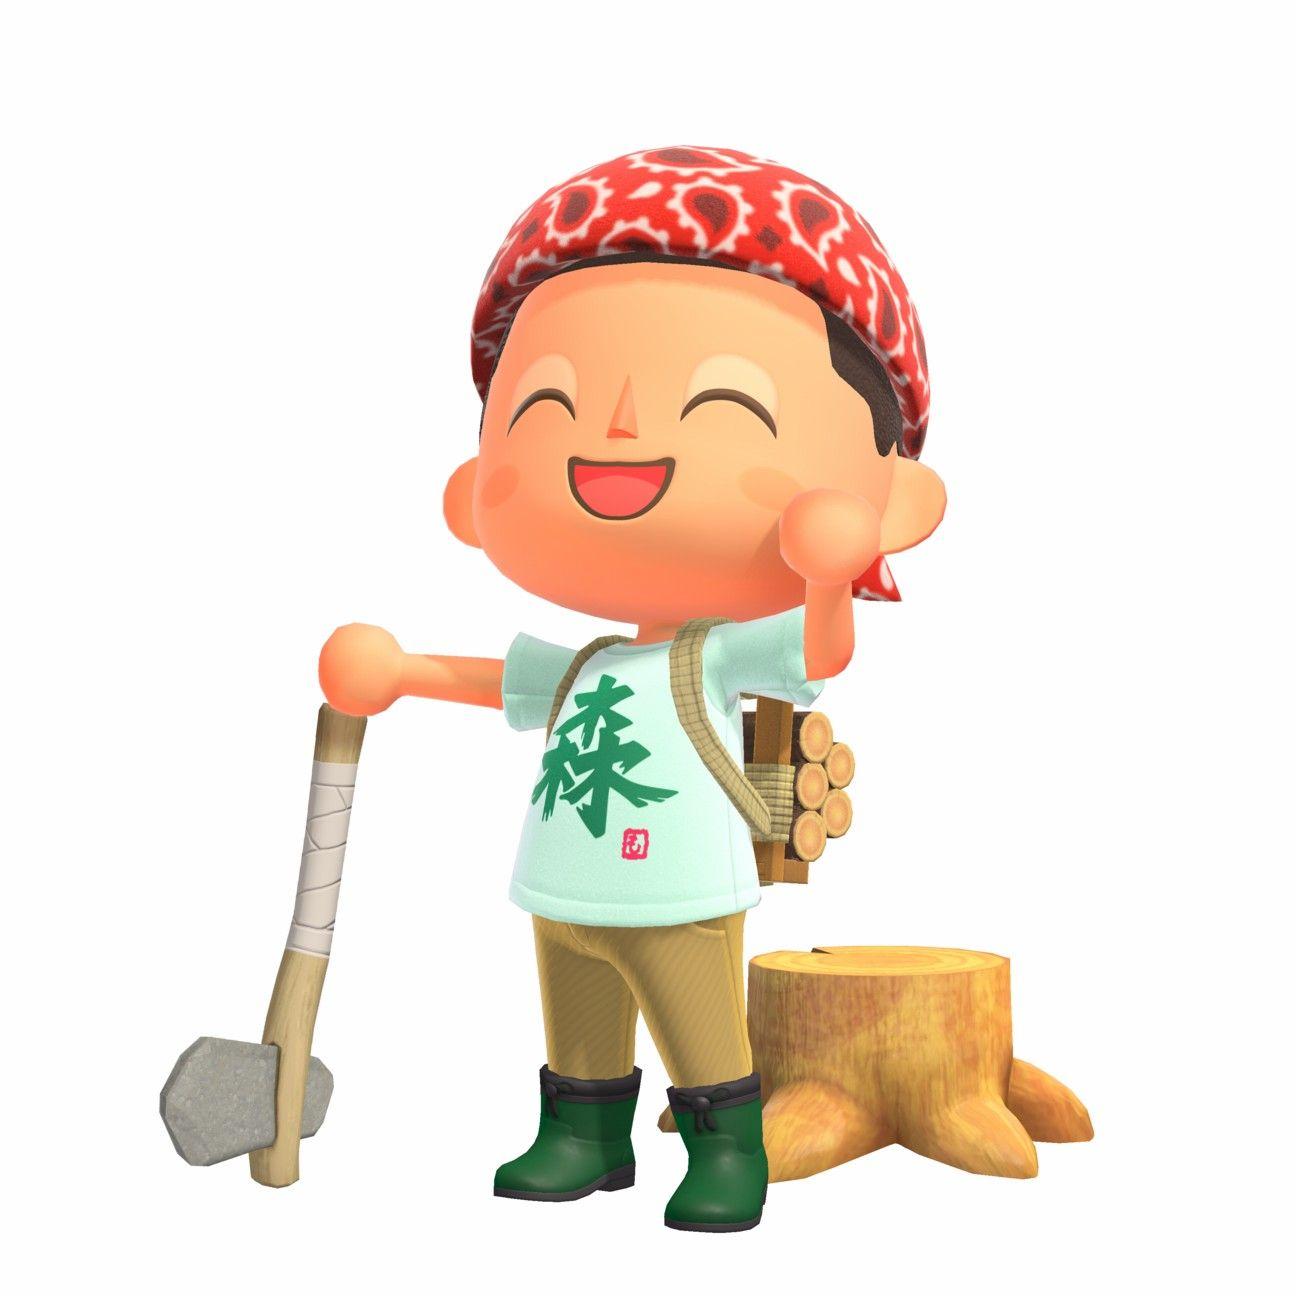 Animal Crossing New Horizons Zeigt Sich Mit Neuem Artwork In 2020